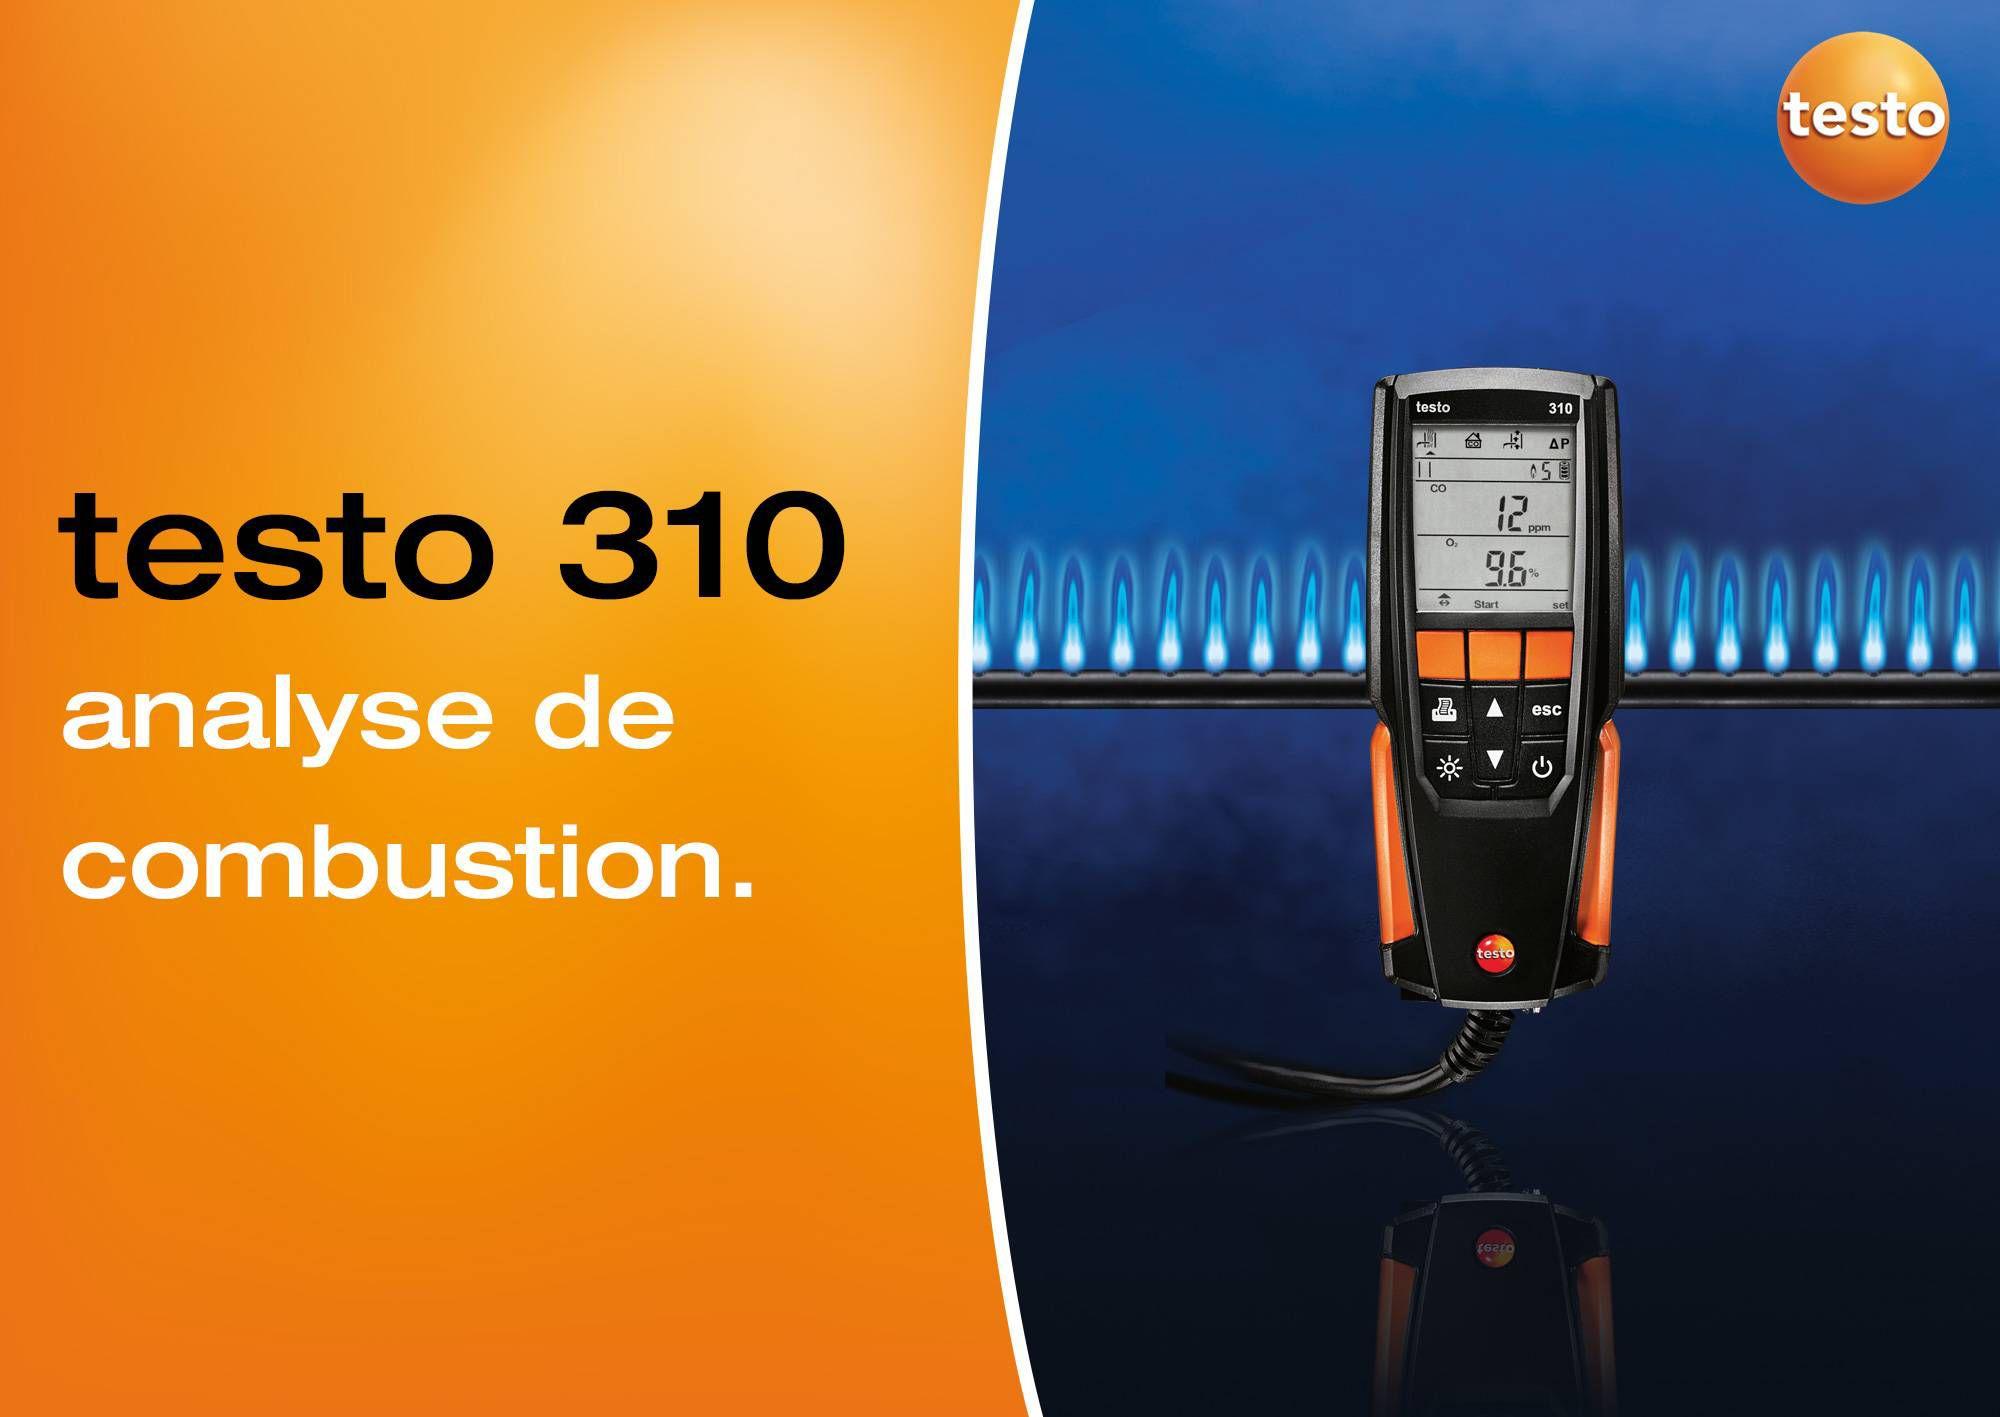 tutoriel vidéo analyse de combustion testo 310